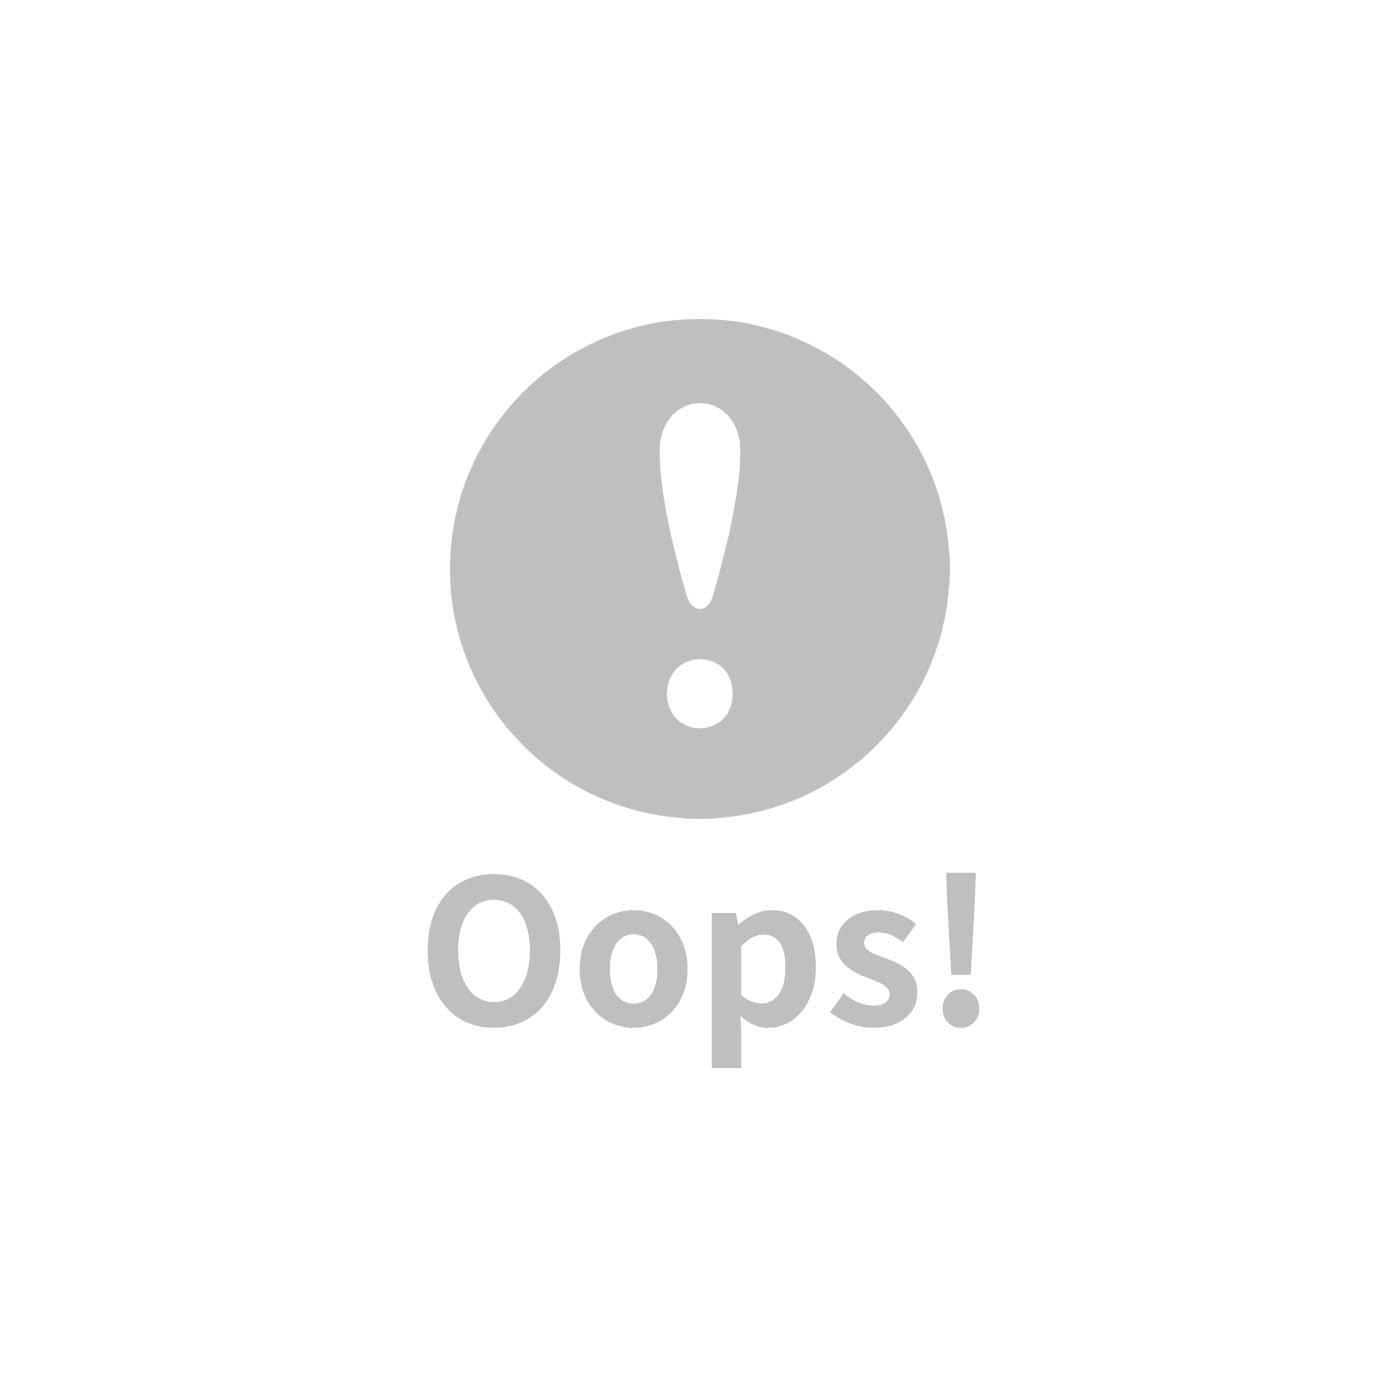 global affairs 童話手工編織安撫搖鈴_動物派對2(小猴子)